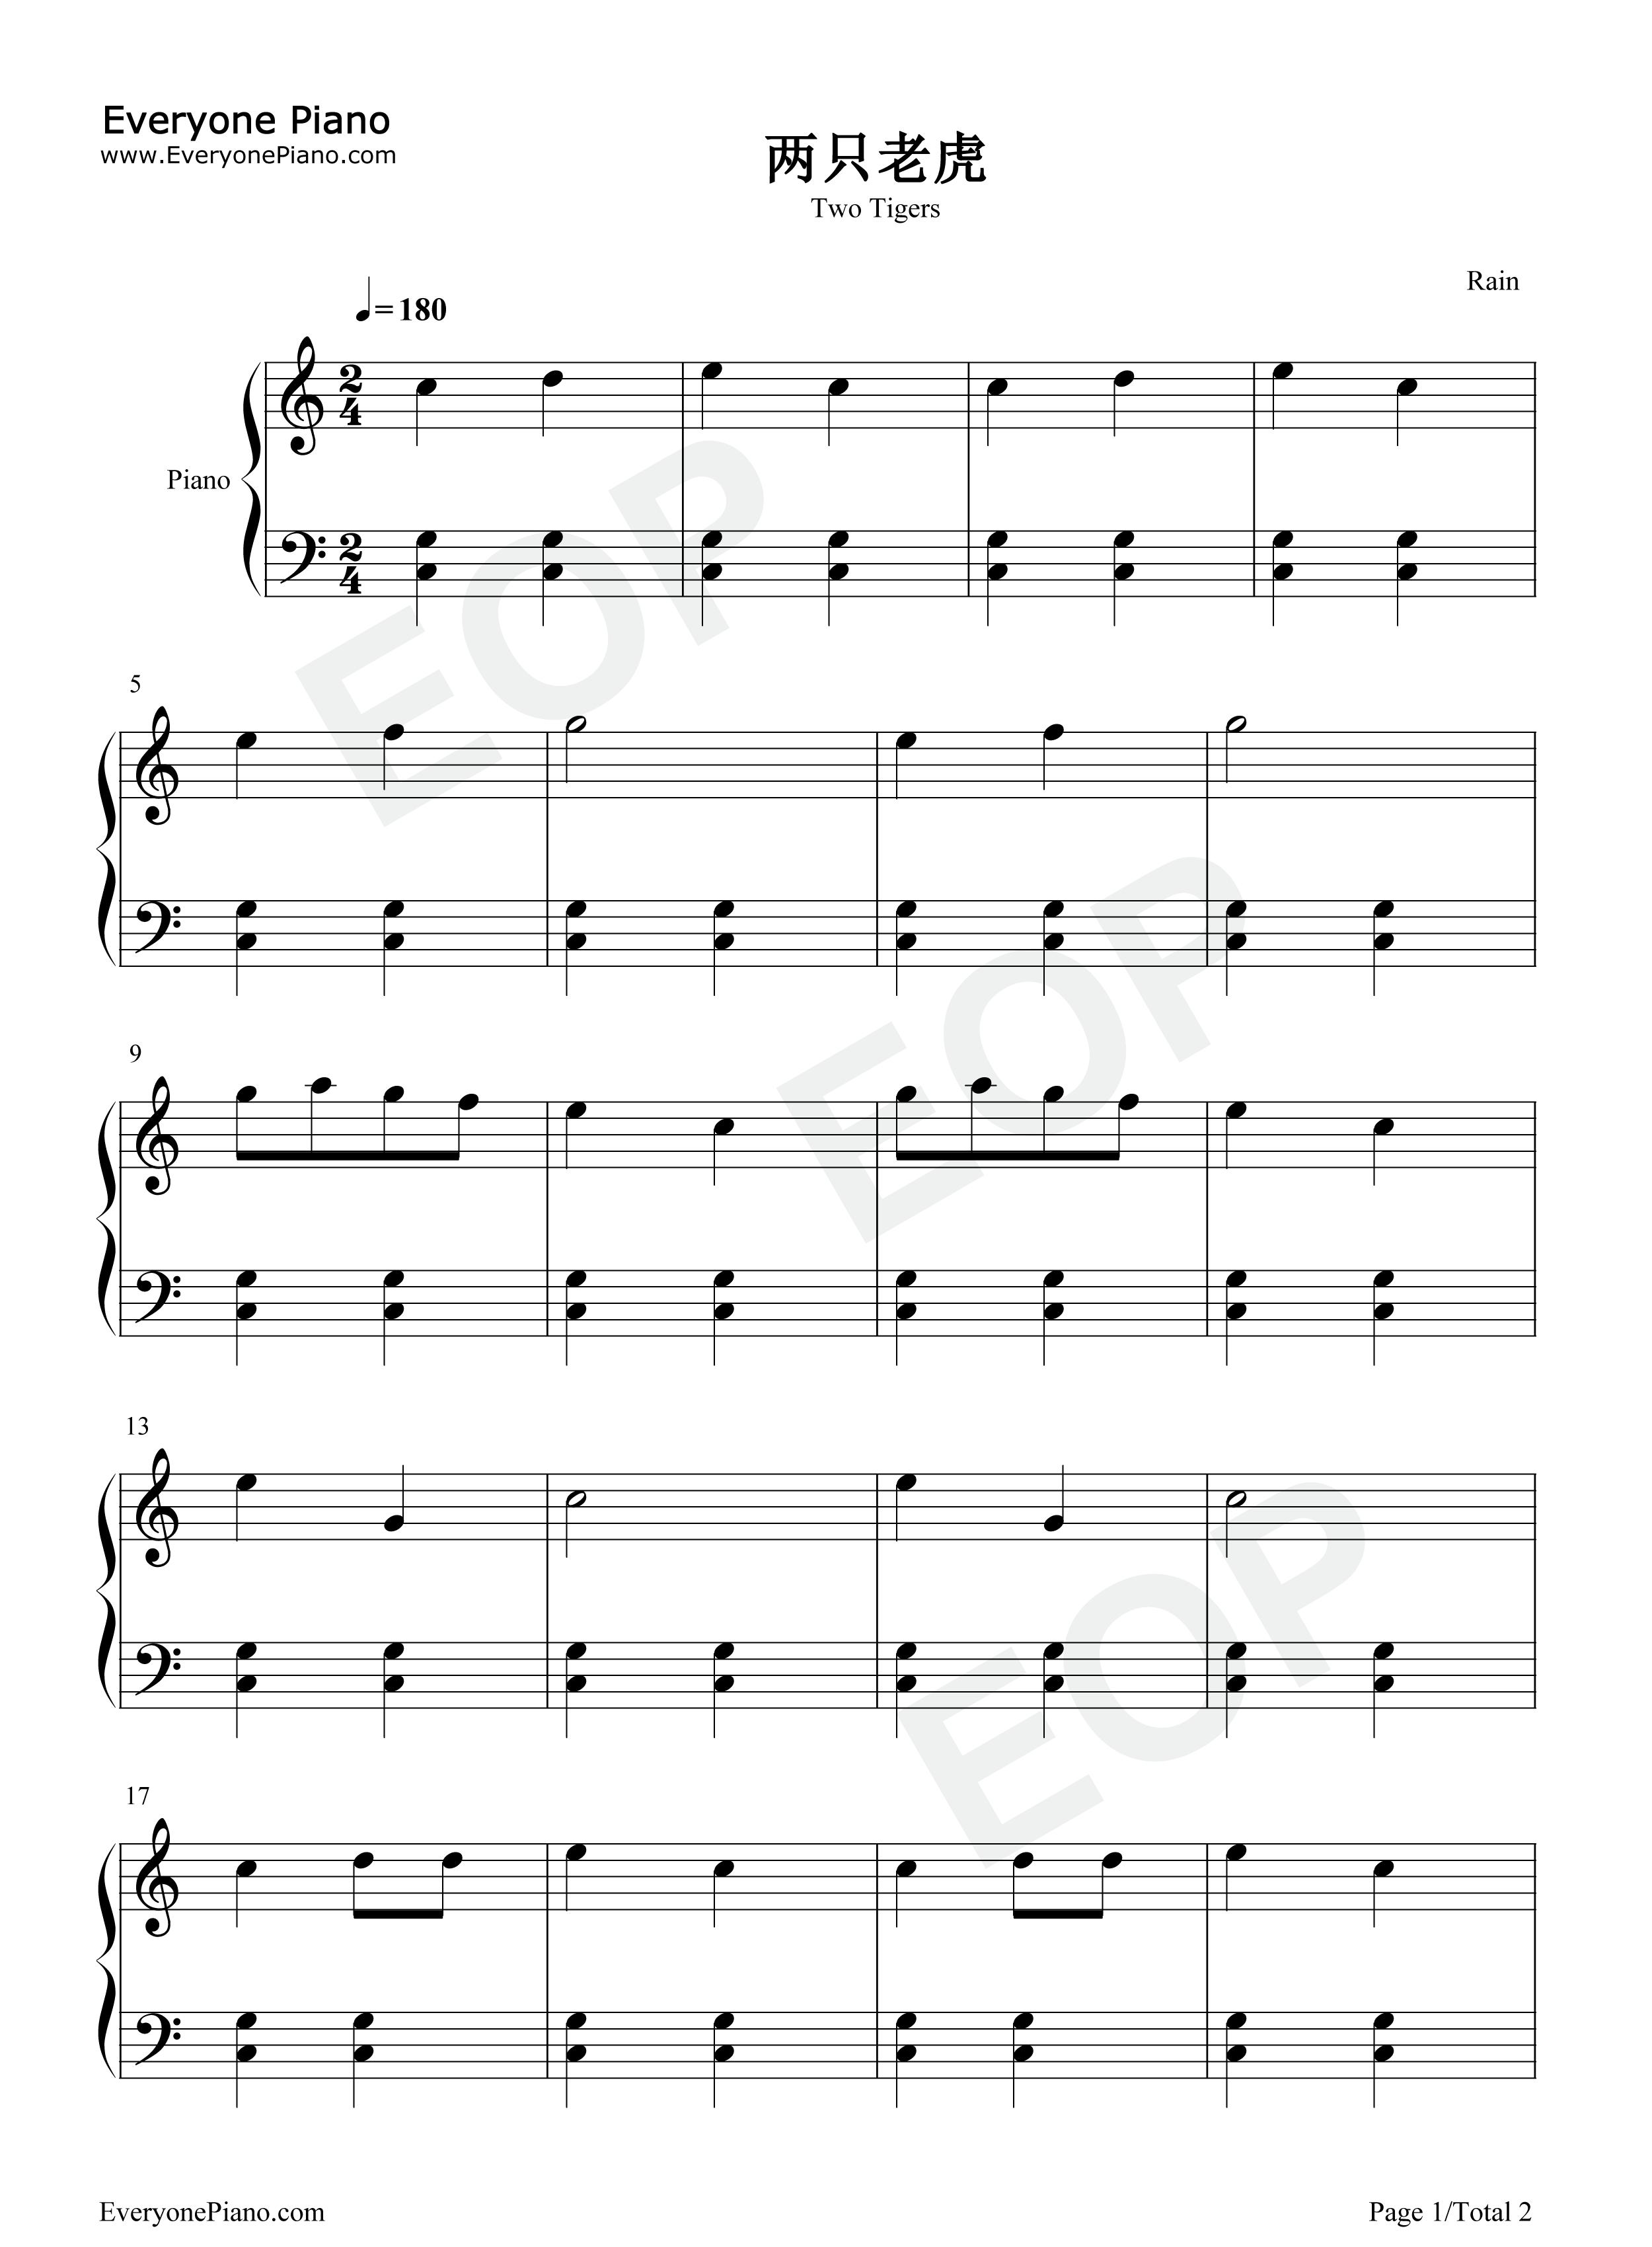 钢琴曲谱 儿歌 两只老虎(简单版) 两只老虎(简单版)五线谱预览1  }